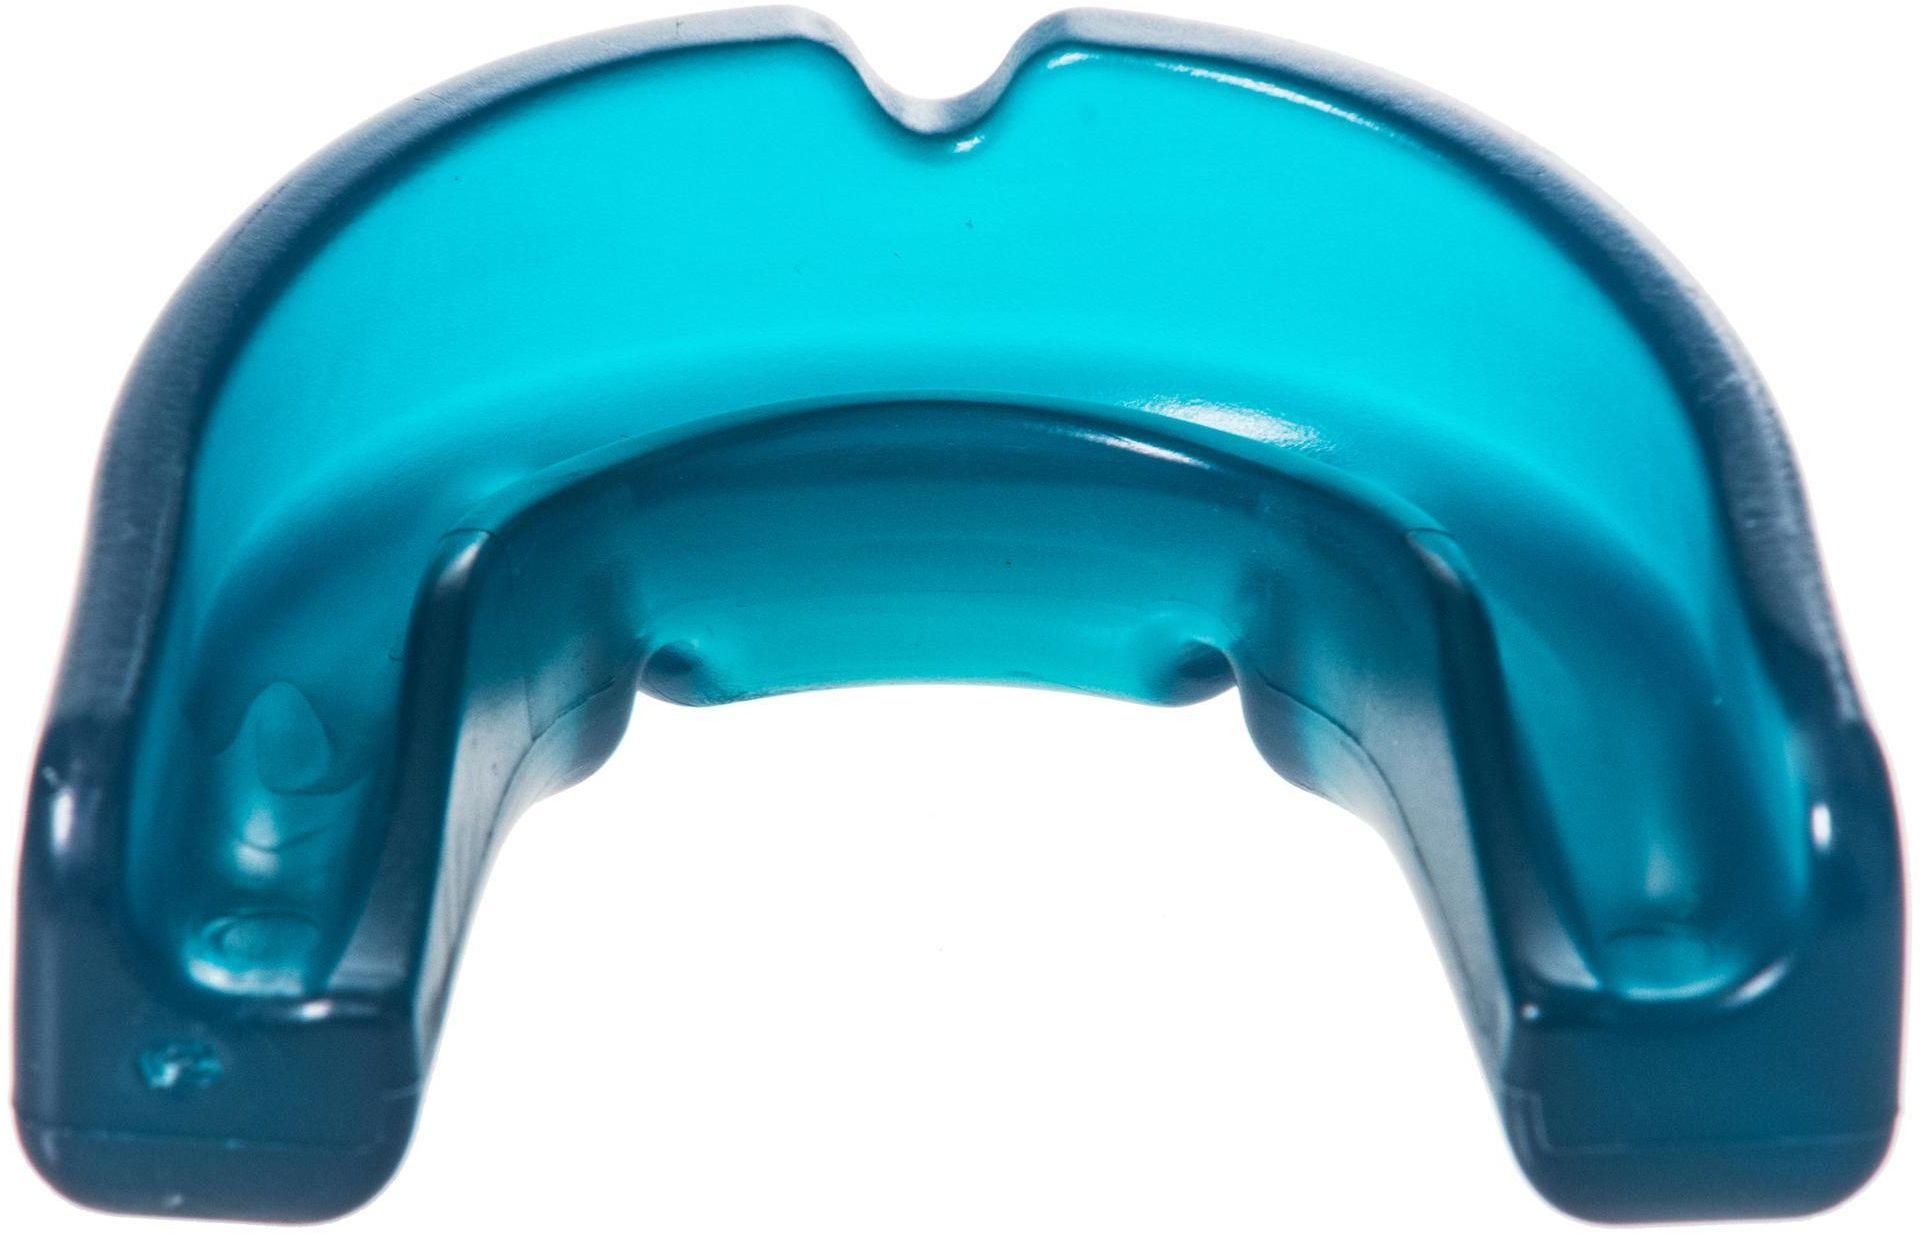 Ochraniacz na zęby do hokeja na trawie FH100 rozmiar L